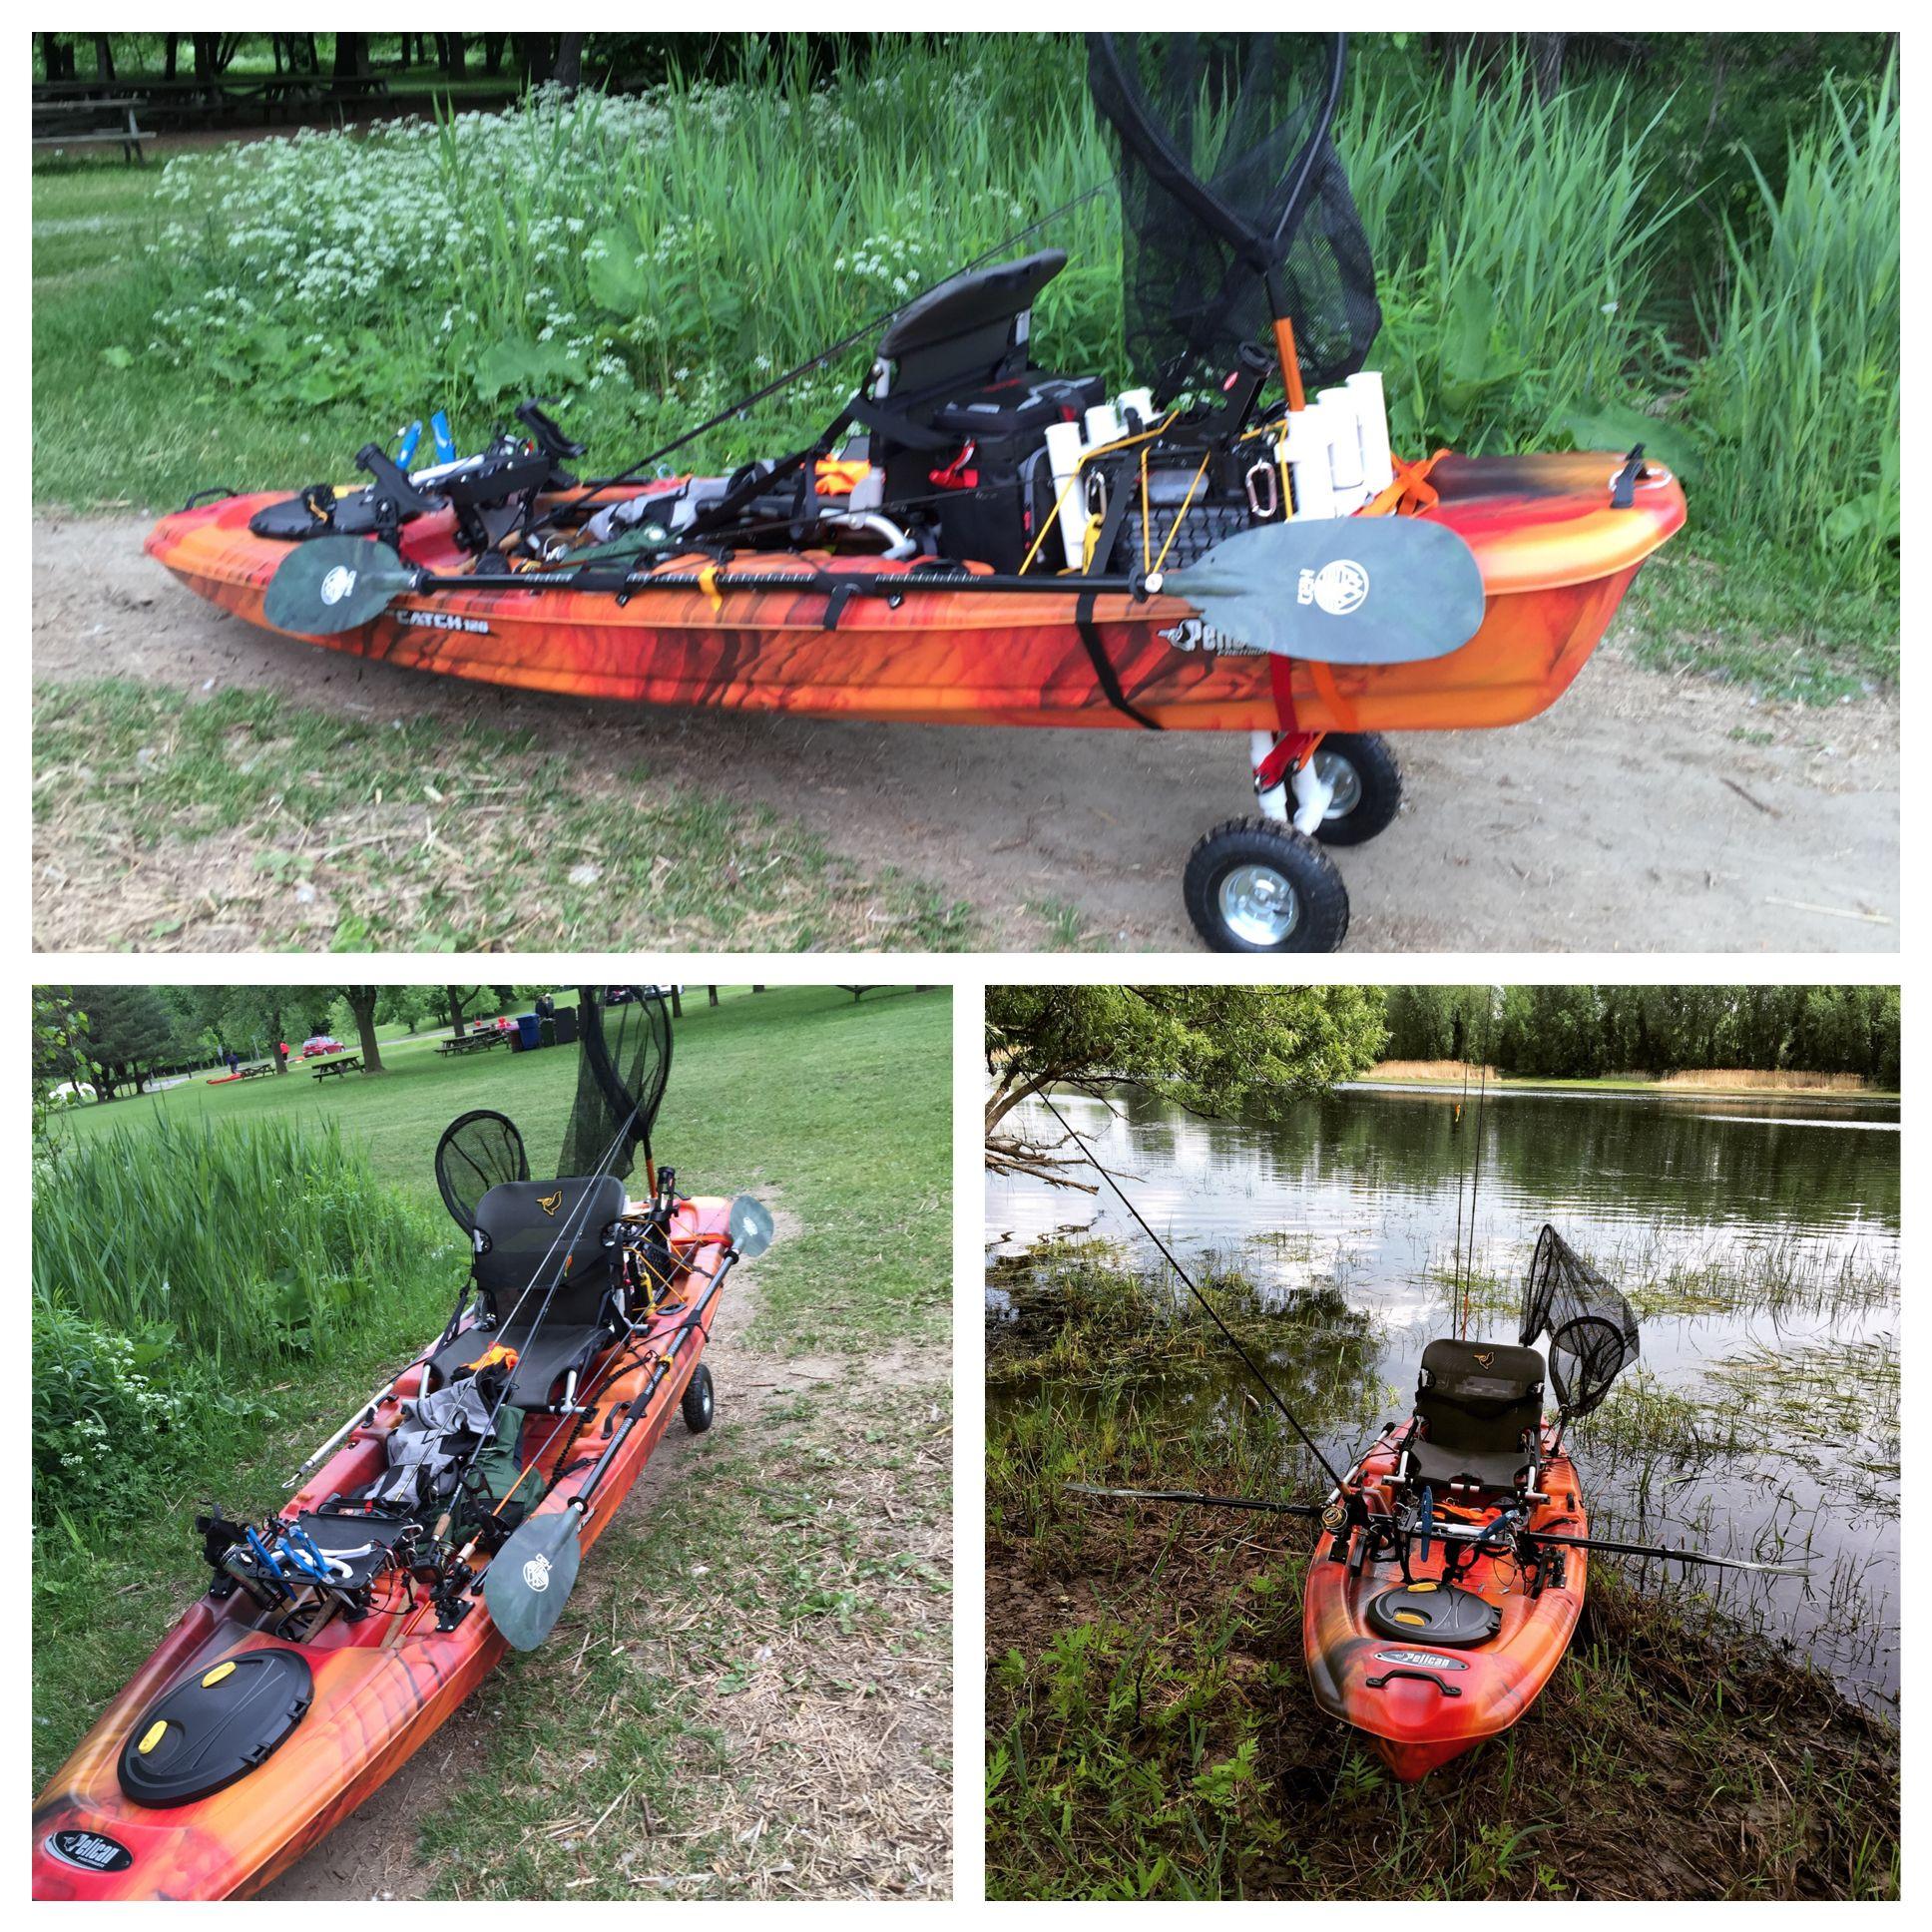 Kayak Pelican Catch 120 Modifies Angler Kayak Kayaking Gear Kayak Fishing Setup